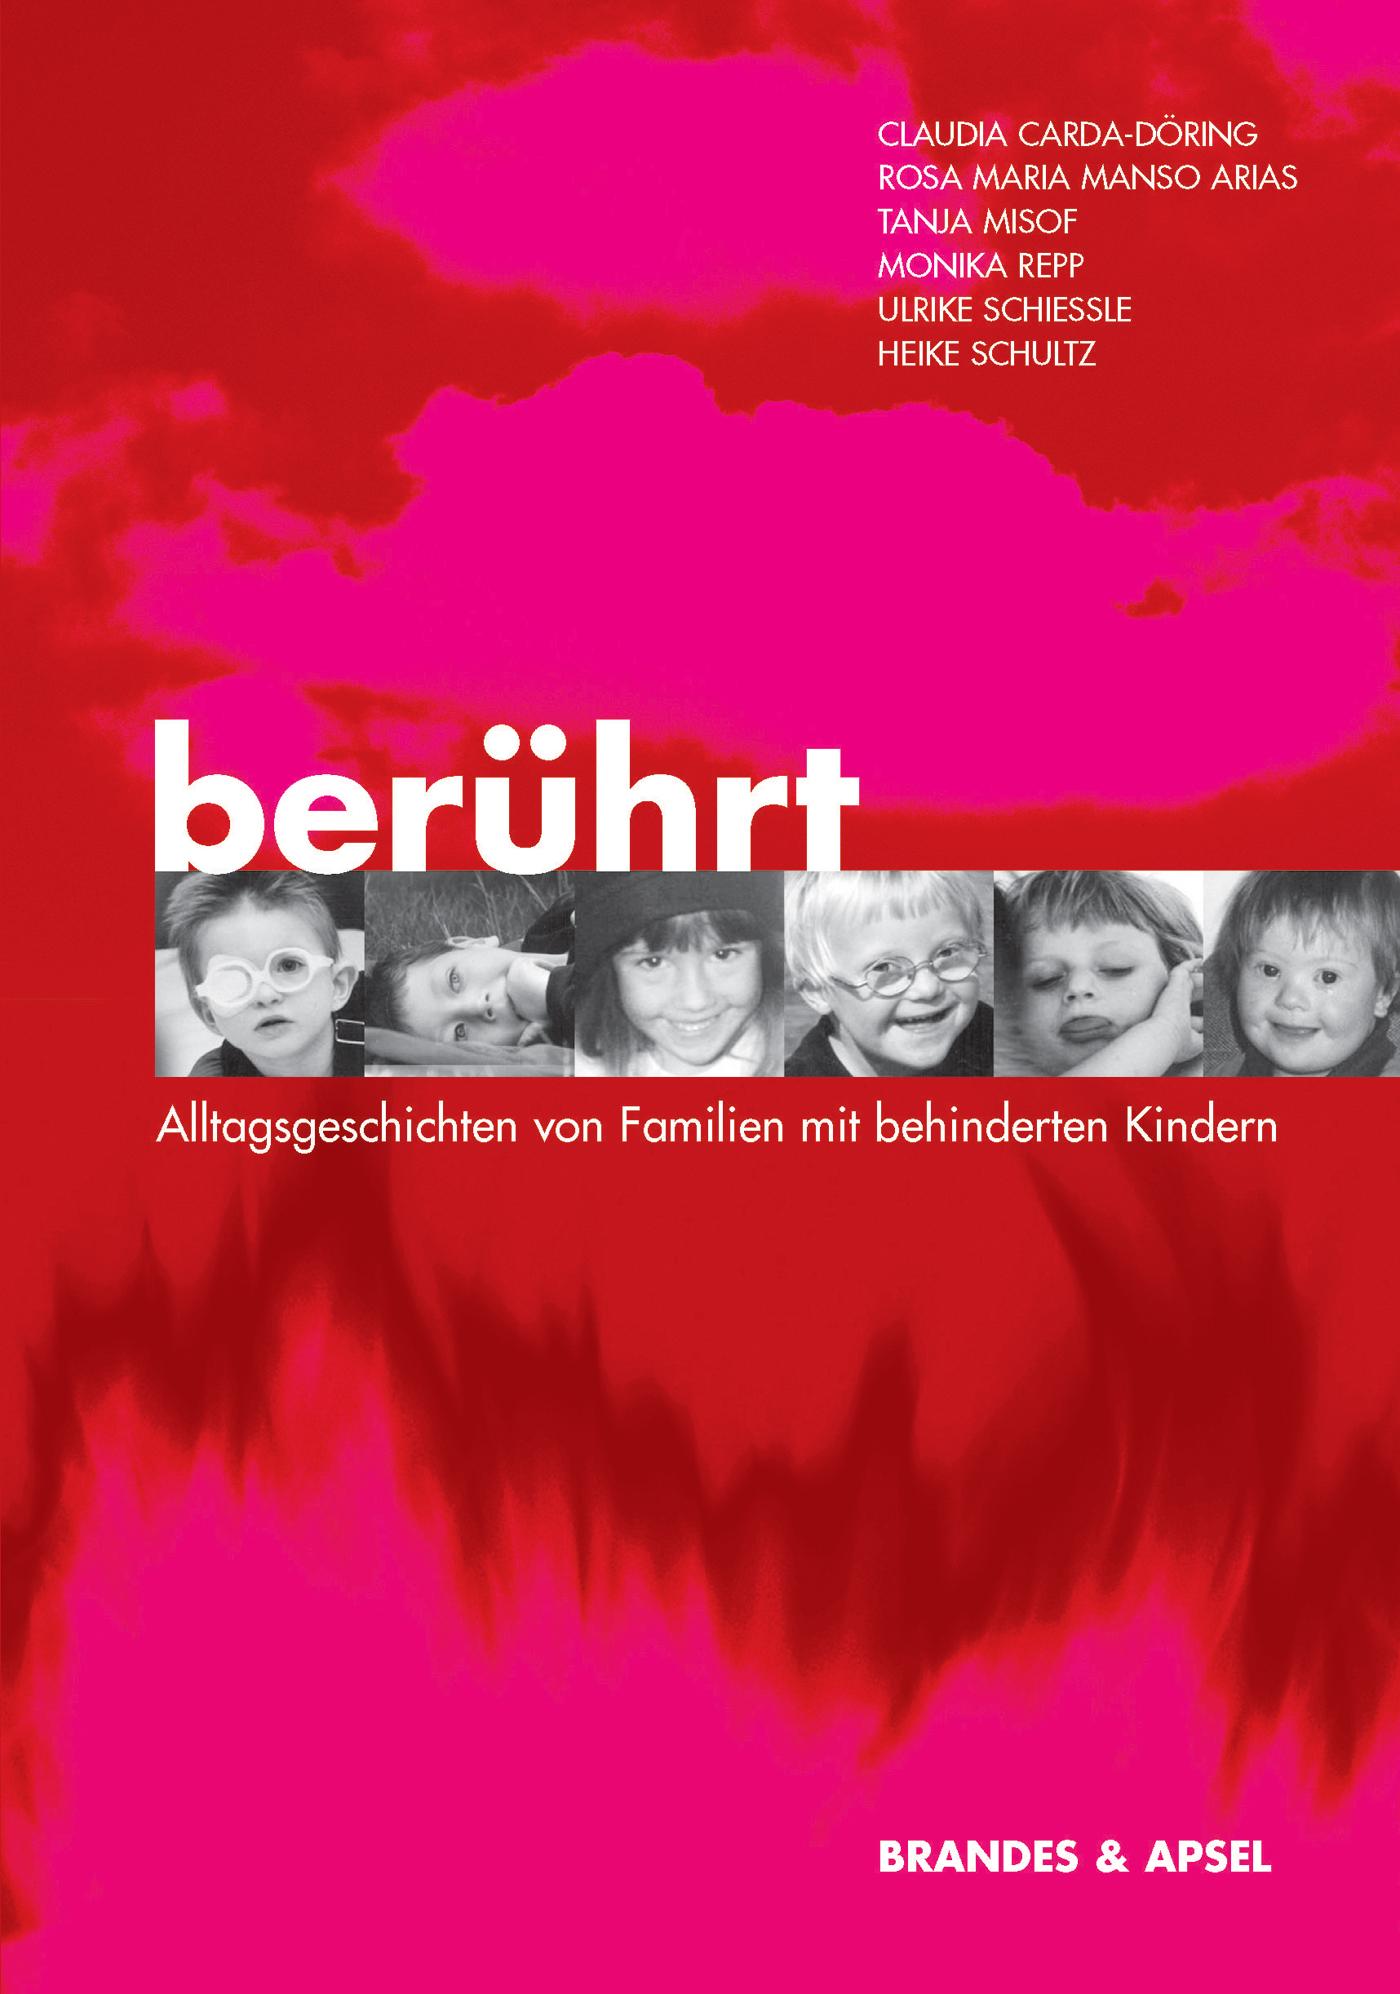 Berührt - Alltagsgeschichten von Familien mit behinderten Kindern - Claudia Carda-Döring